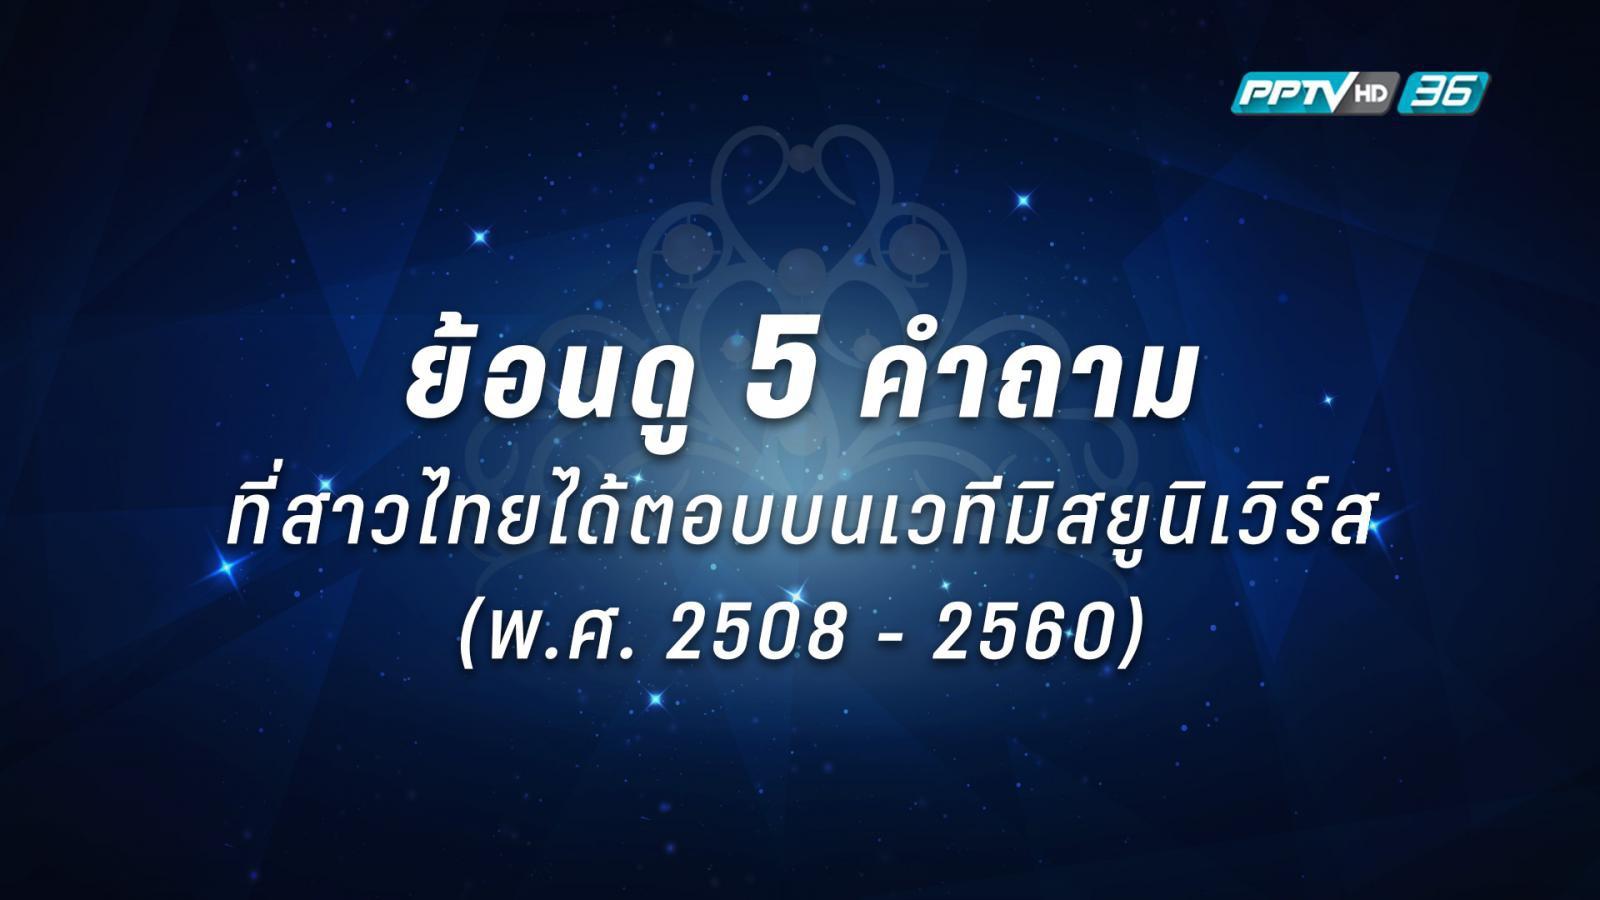 ย้อนดู 5 คำถามที่สาวไทยได้ตอบบนเวทีมิสยูนิเวิร์ส  (มีคลิป)